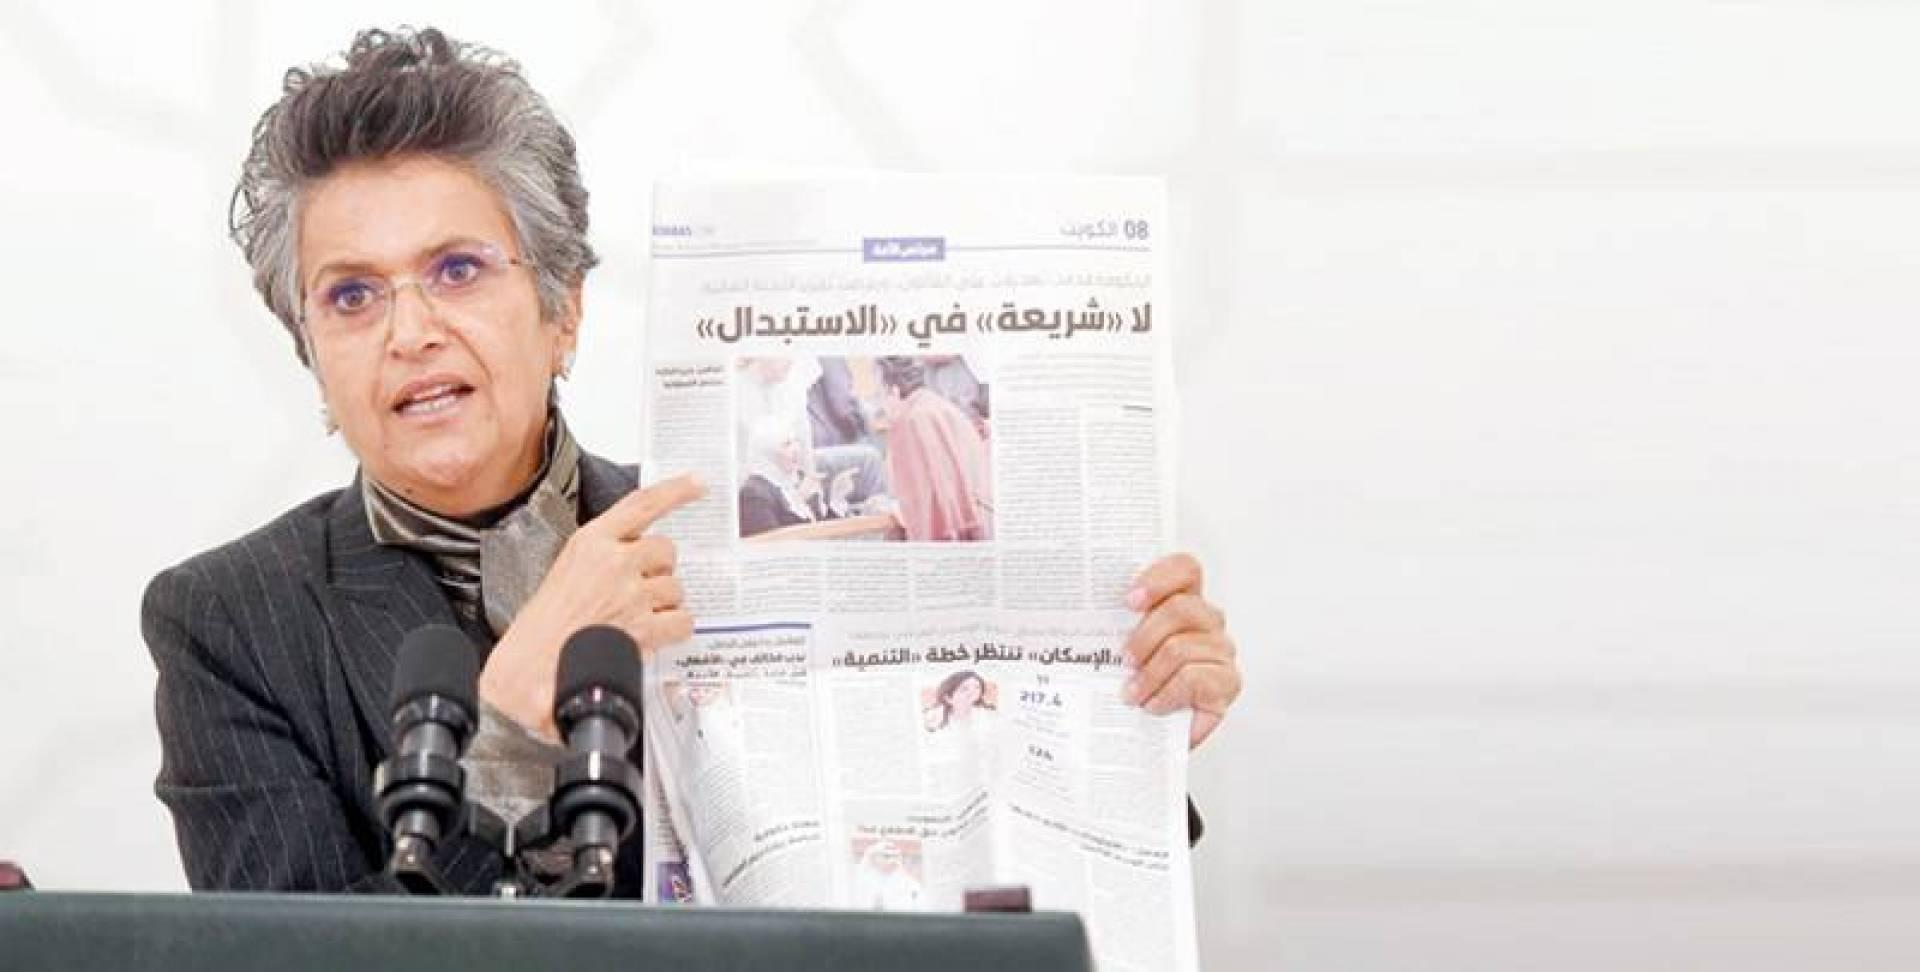 صفاء الهاشم وبيدها القبس في مجلس الأمة أمس | تصوير حسني هلال